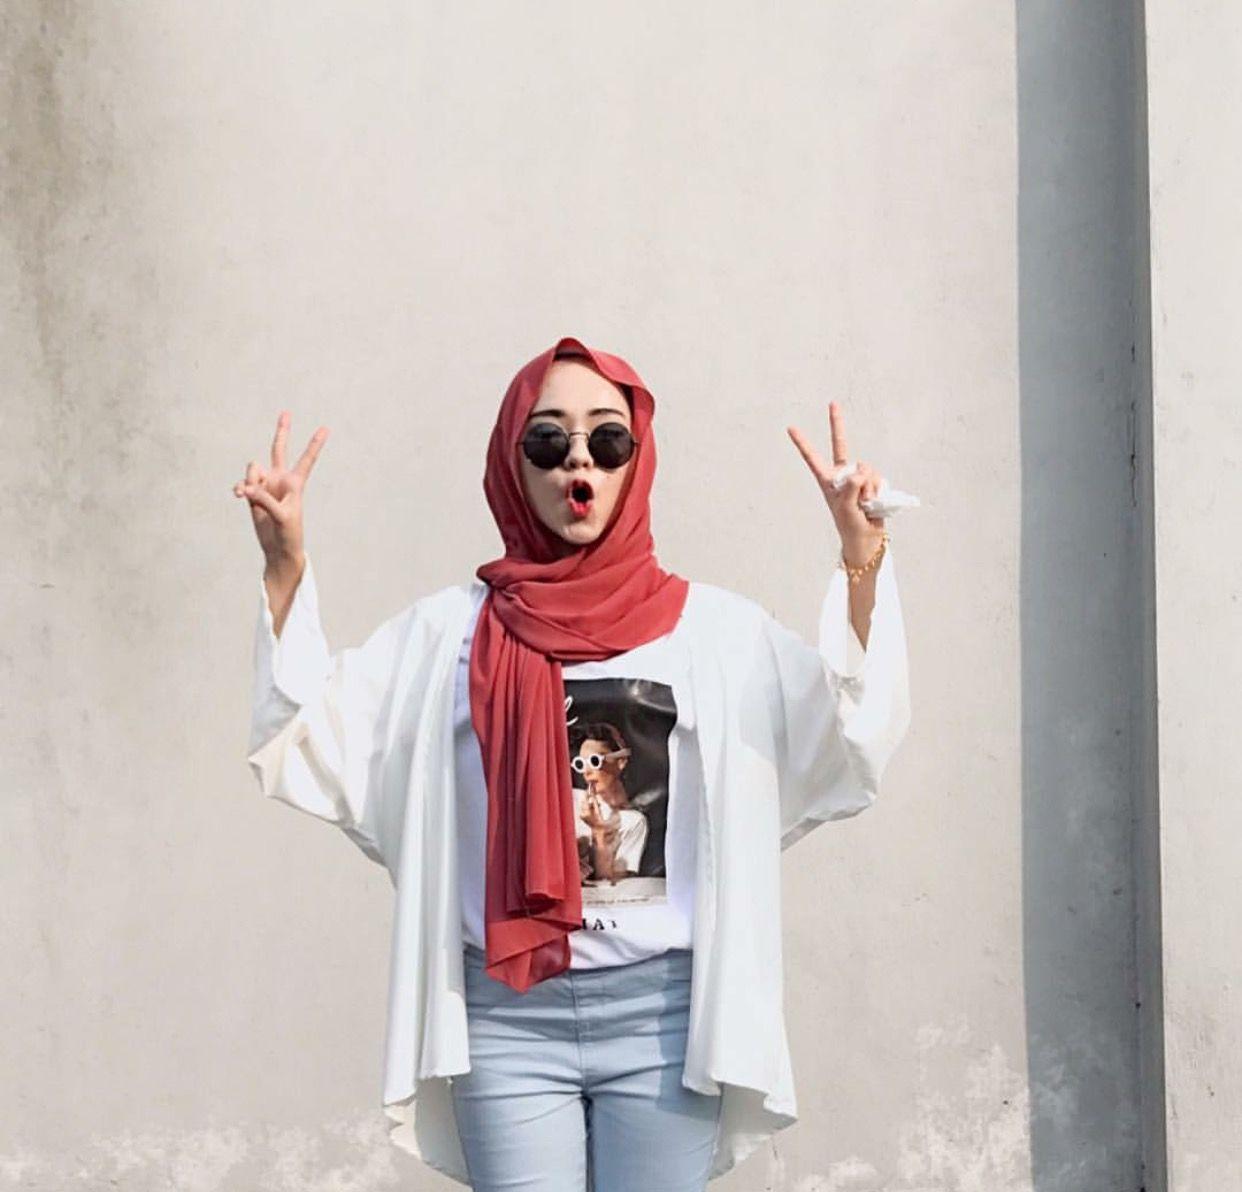 Pin Oleh Choa Di Hijabis And Style Model Pakaian Model Pakaian Hijab Gaya Hijab